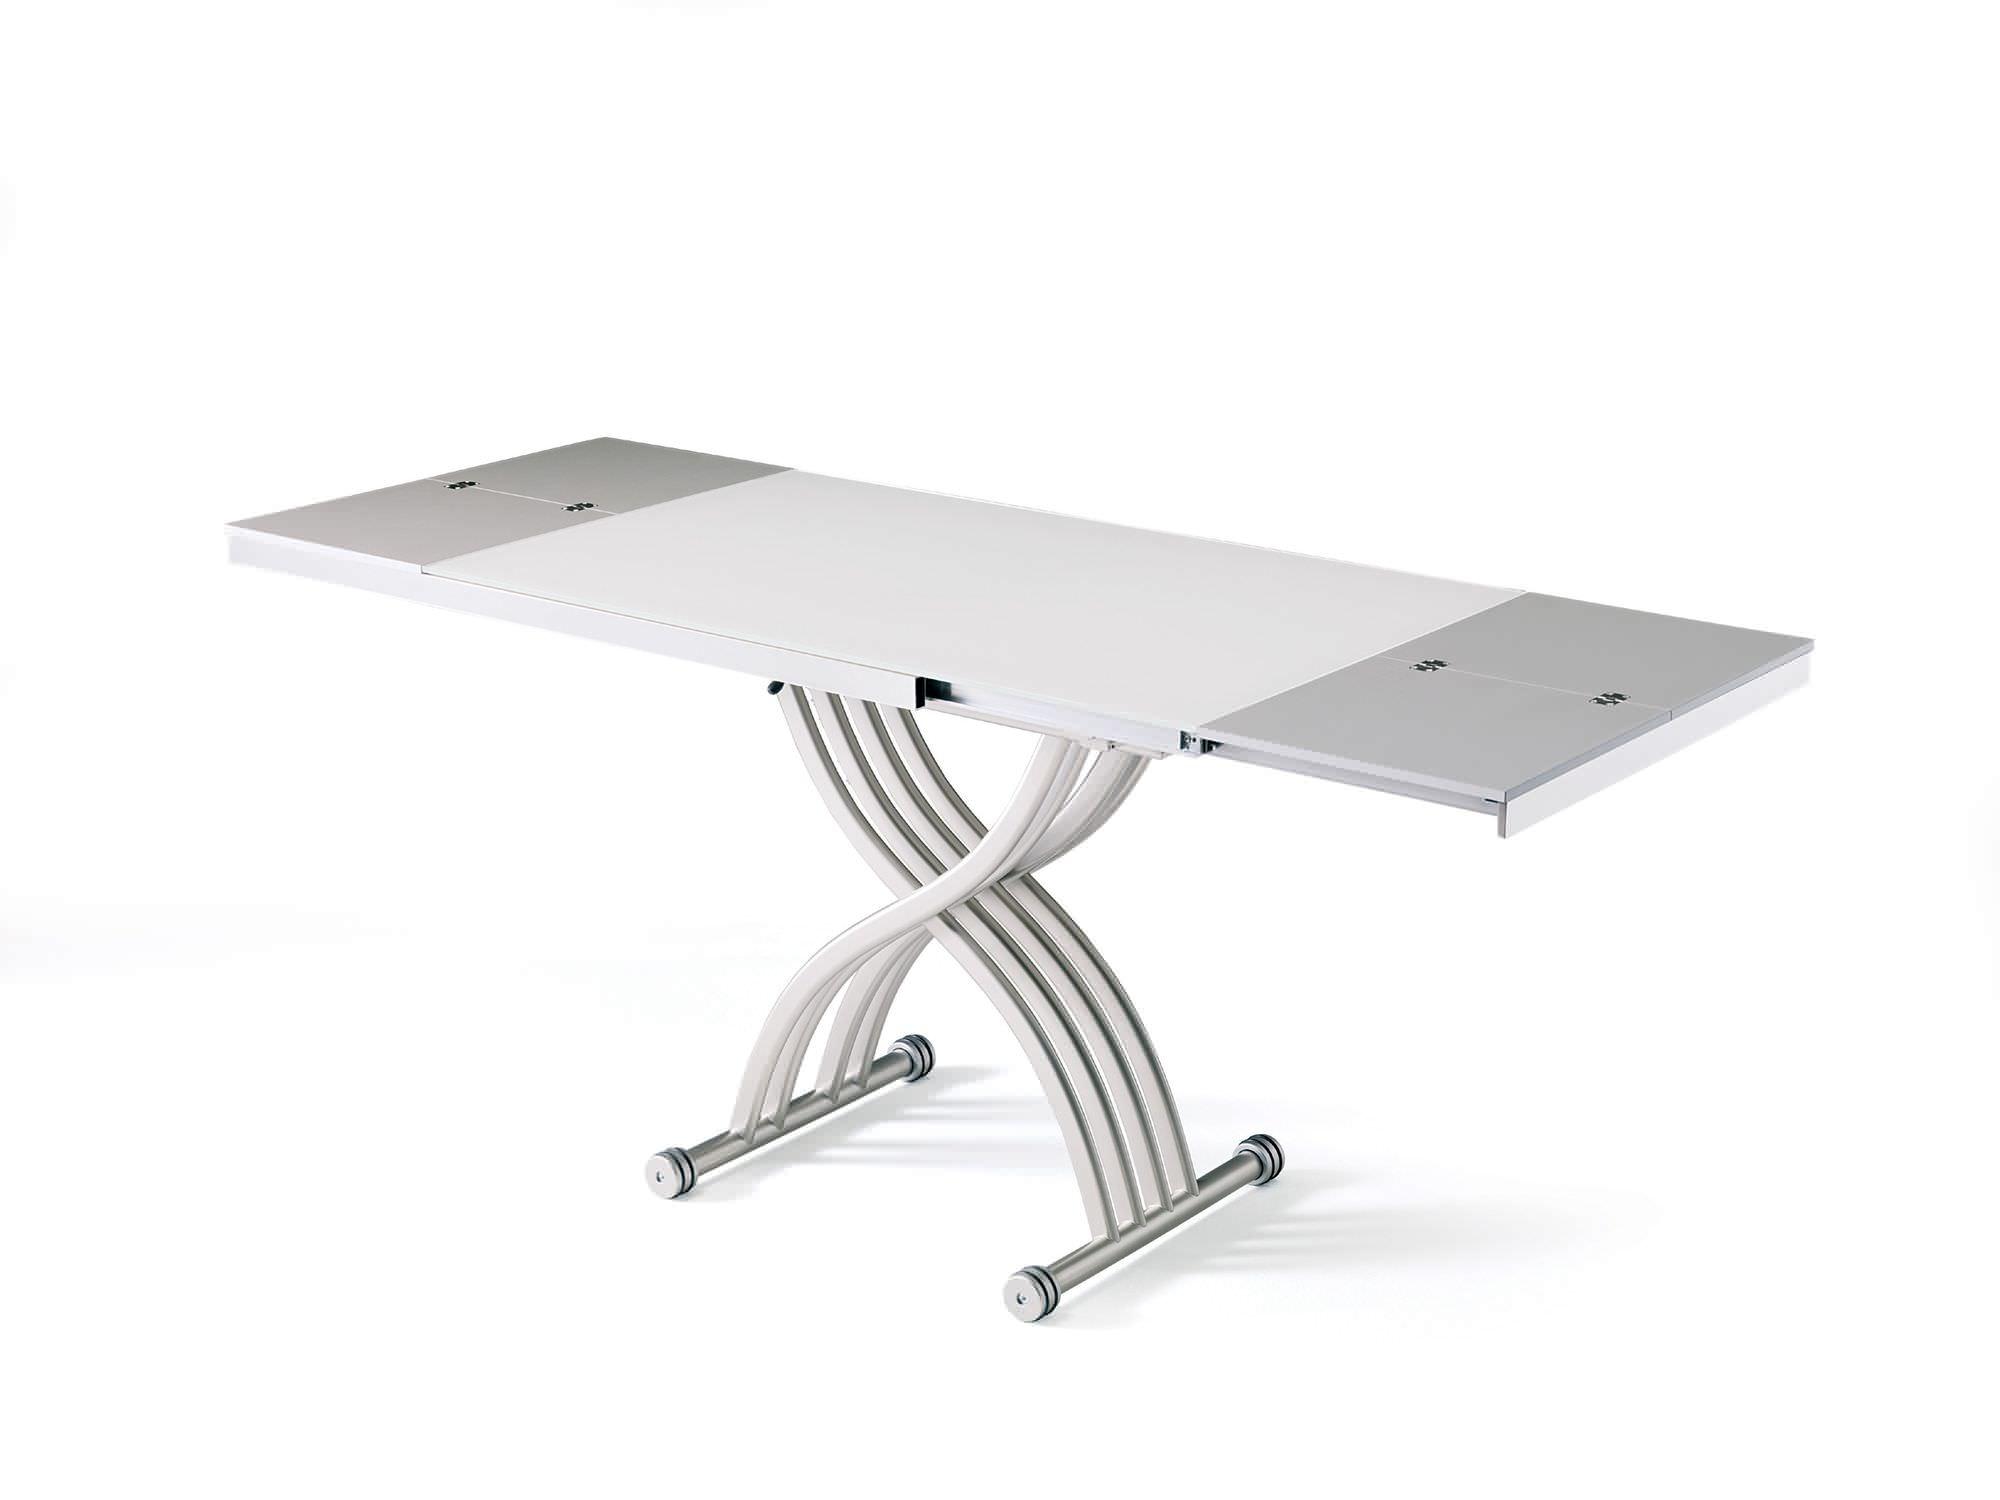 Tavoli cucina prezzi excellent artistico x tavolo di design with tavoli cucina prezzi tavolo - Semeraro cucine prezzo bloccato ...